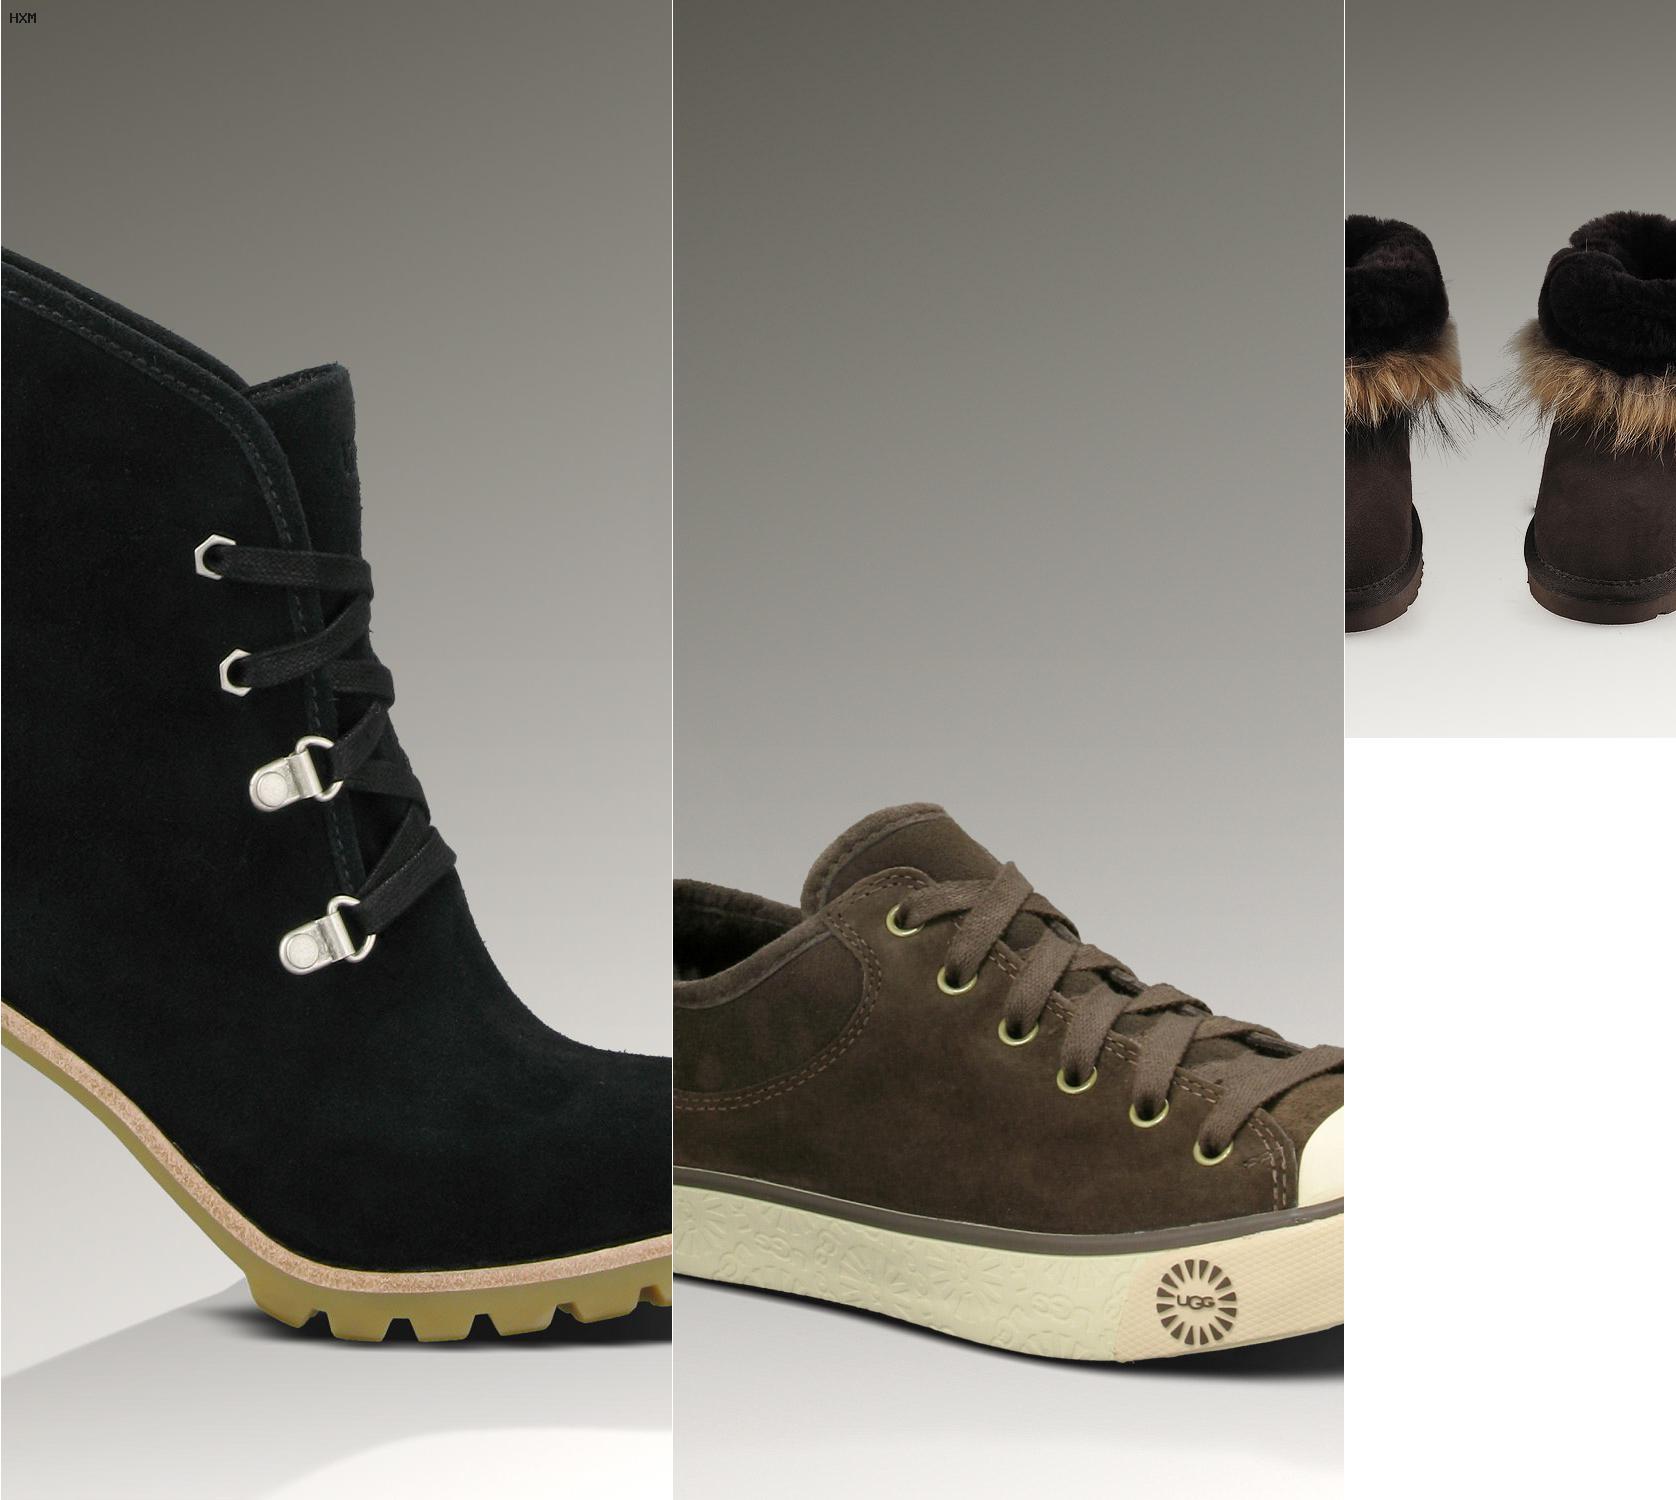 Ugg Damen Zalando Schuhe Schuhe Damen Zalando Ugg uFJ351clTK